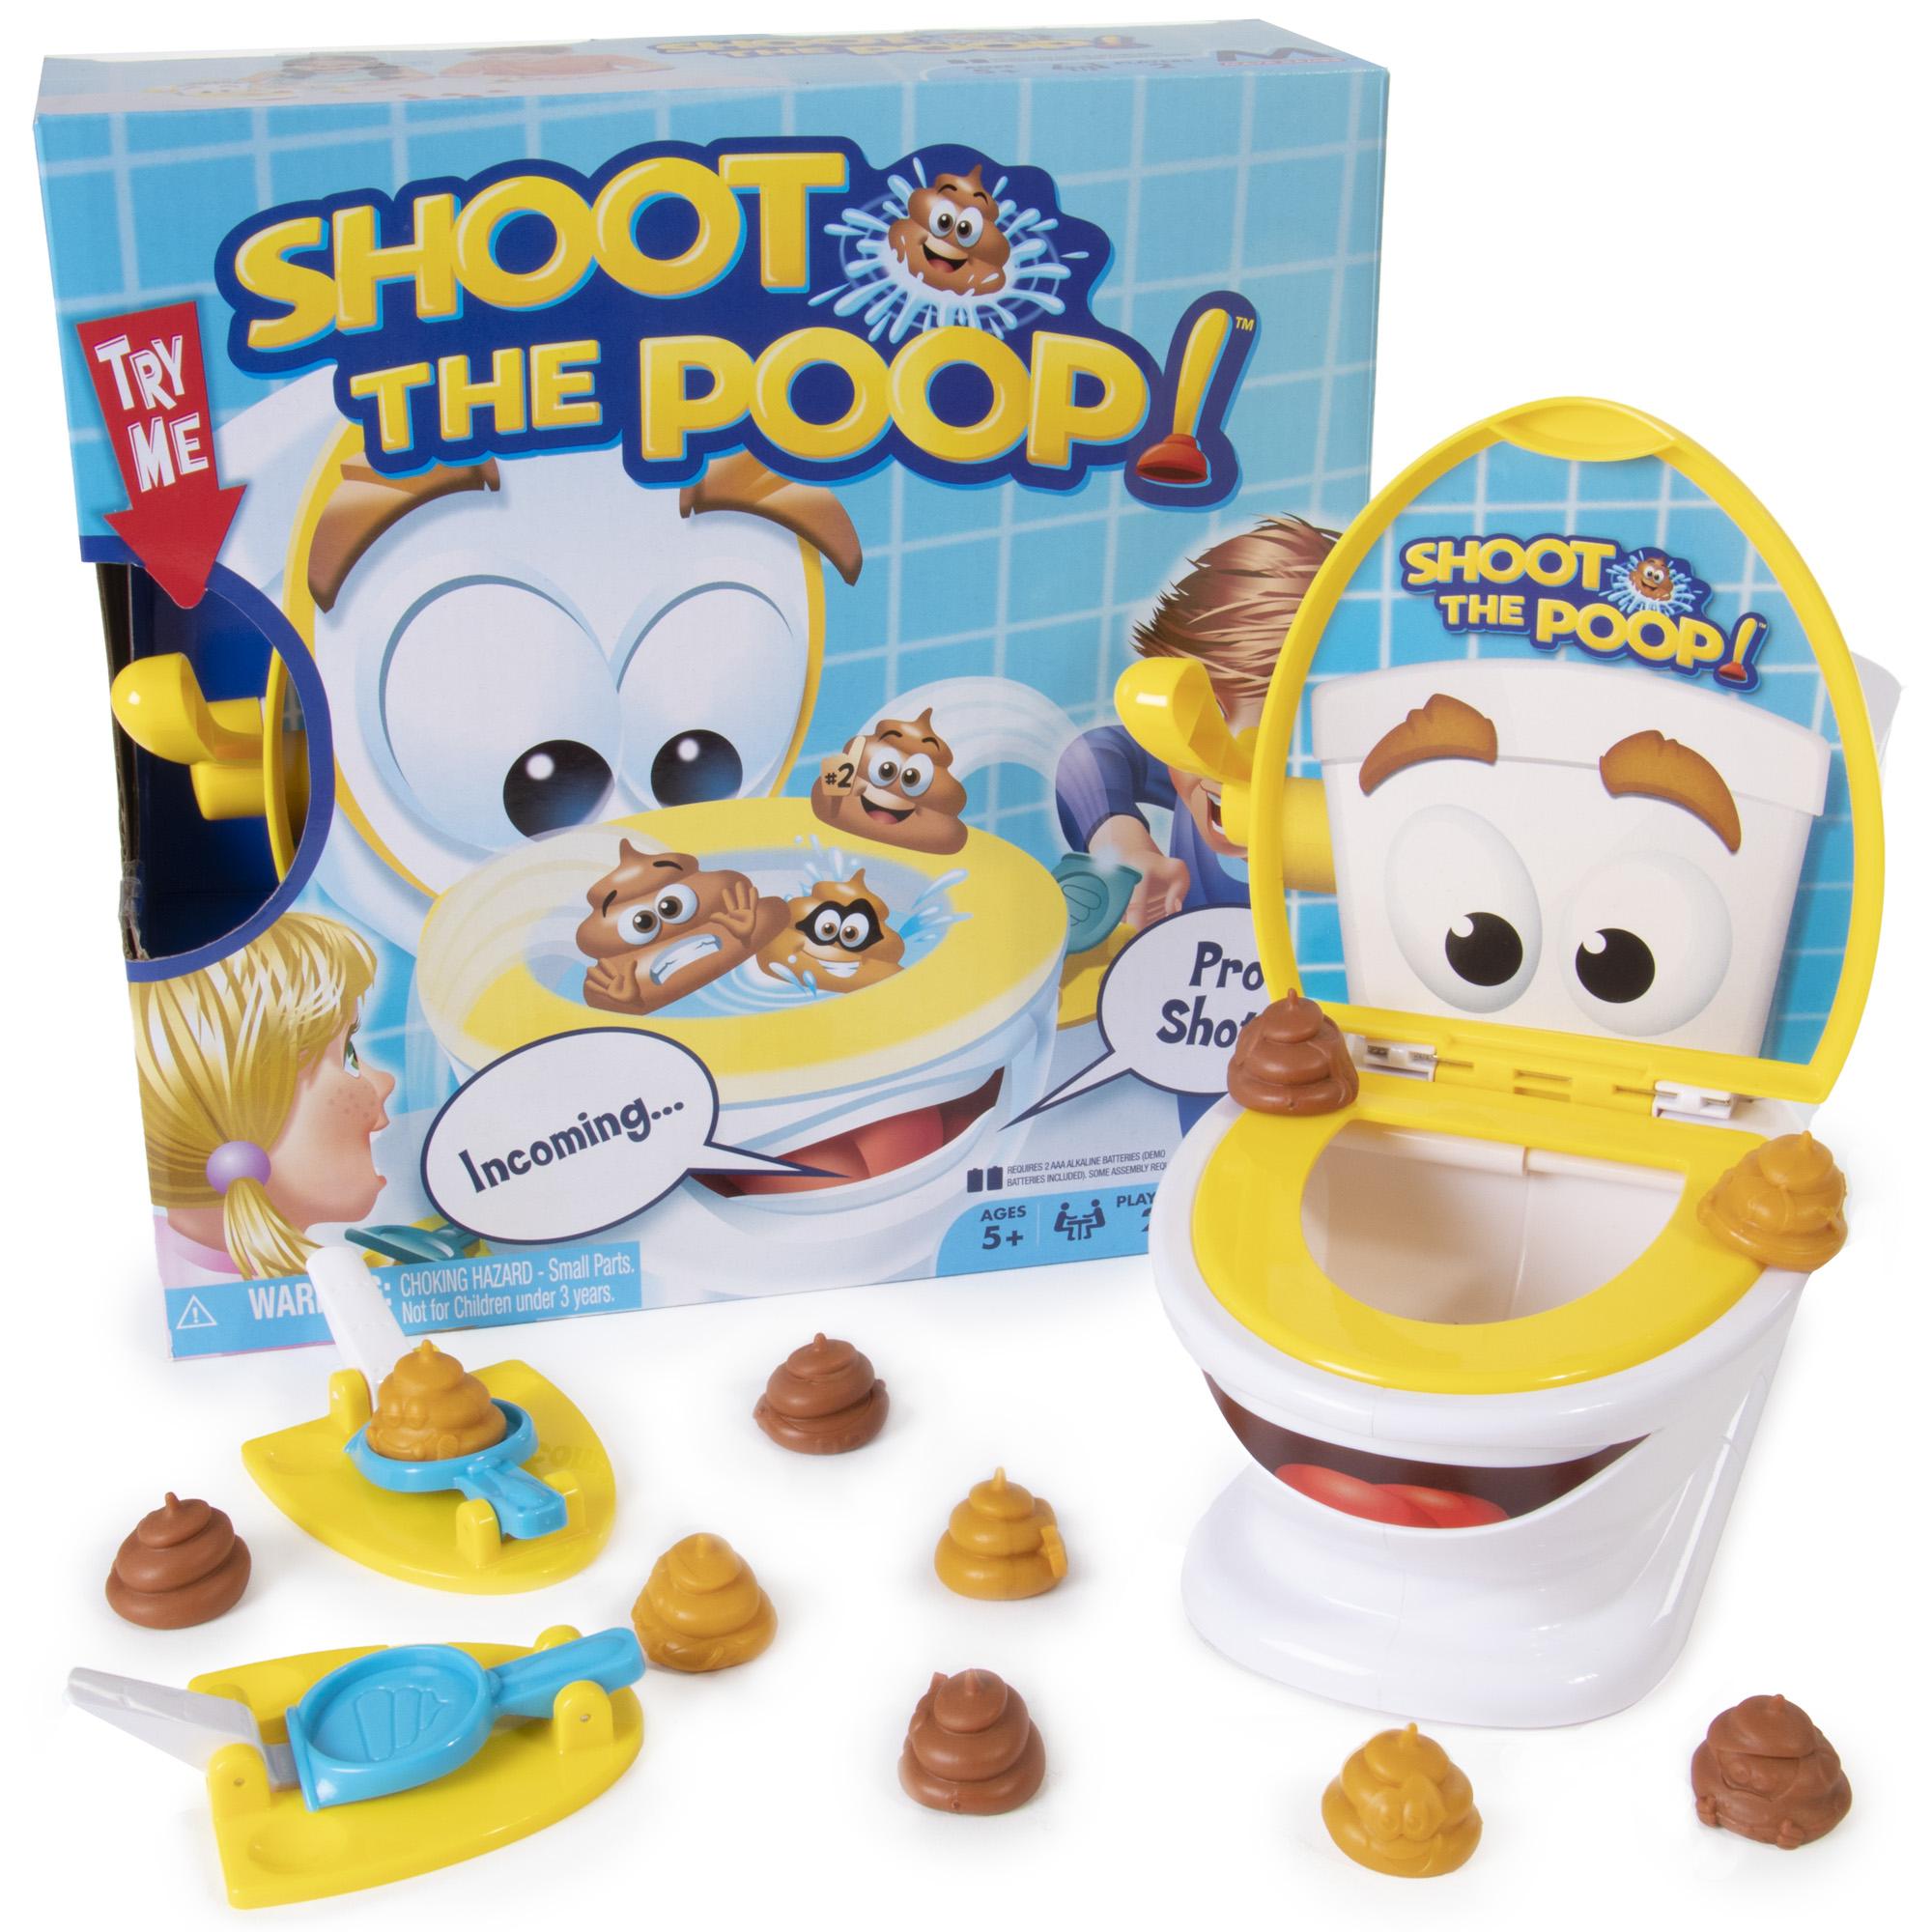 Shoot the Poop!